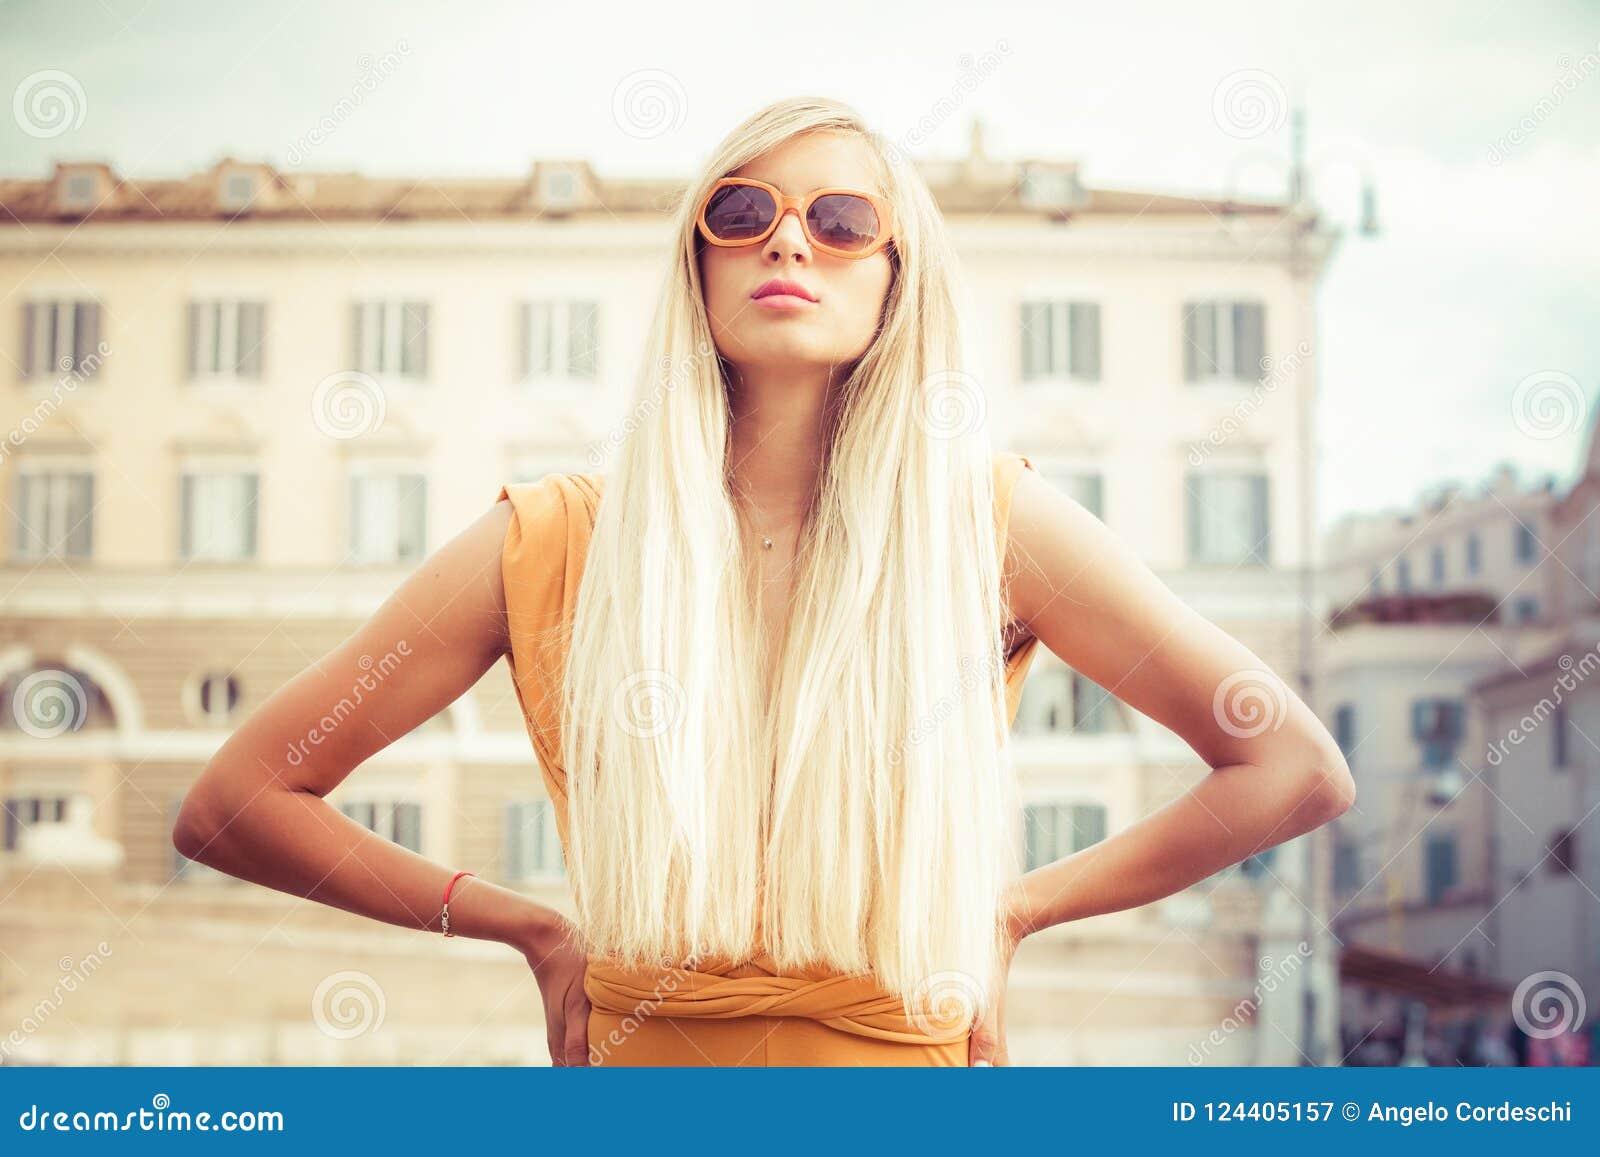 Стильная длинная молодая женщина светлых волос с солнечными очками в городе